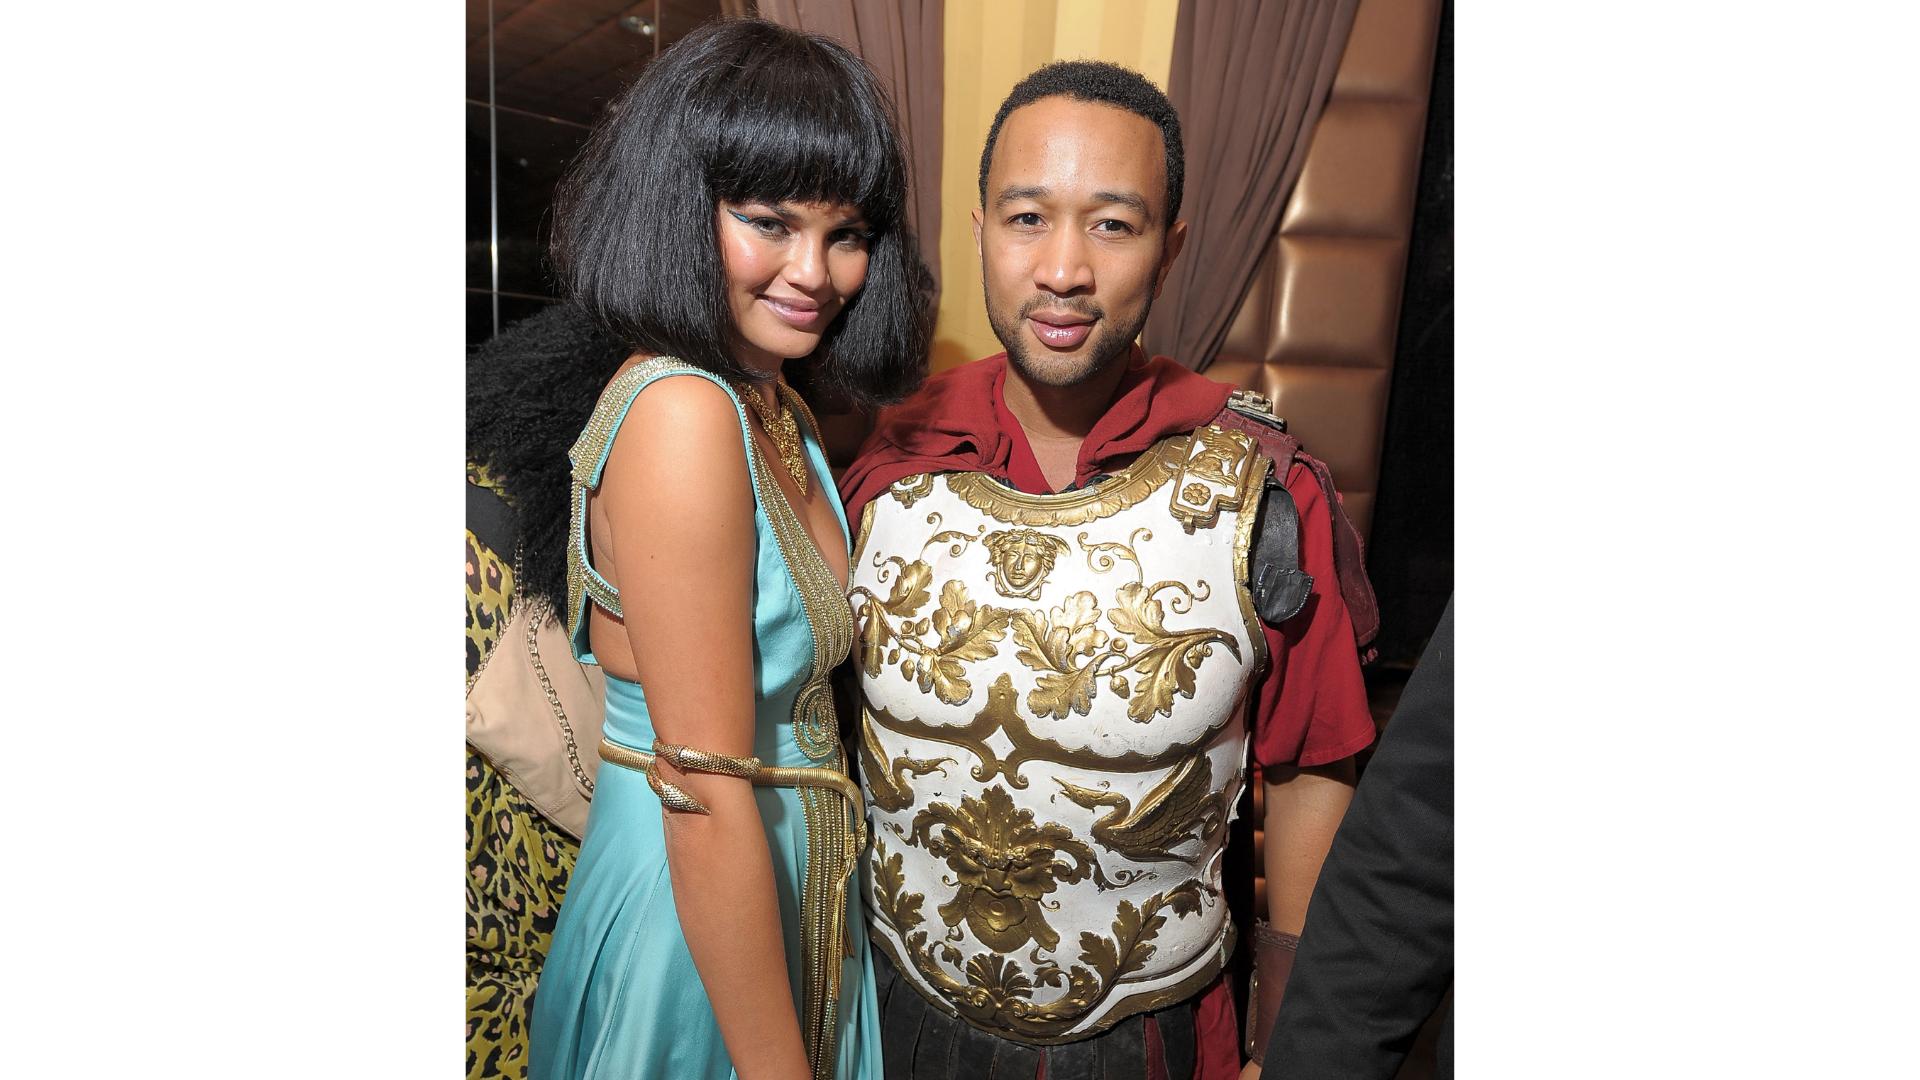 Chrissy Teigan et Johl Legend en Anthony et Cleopatra pour Halloween.